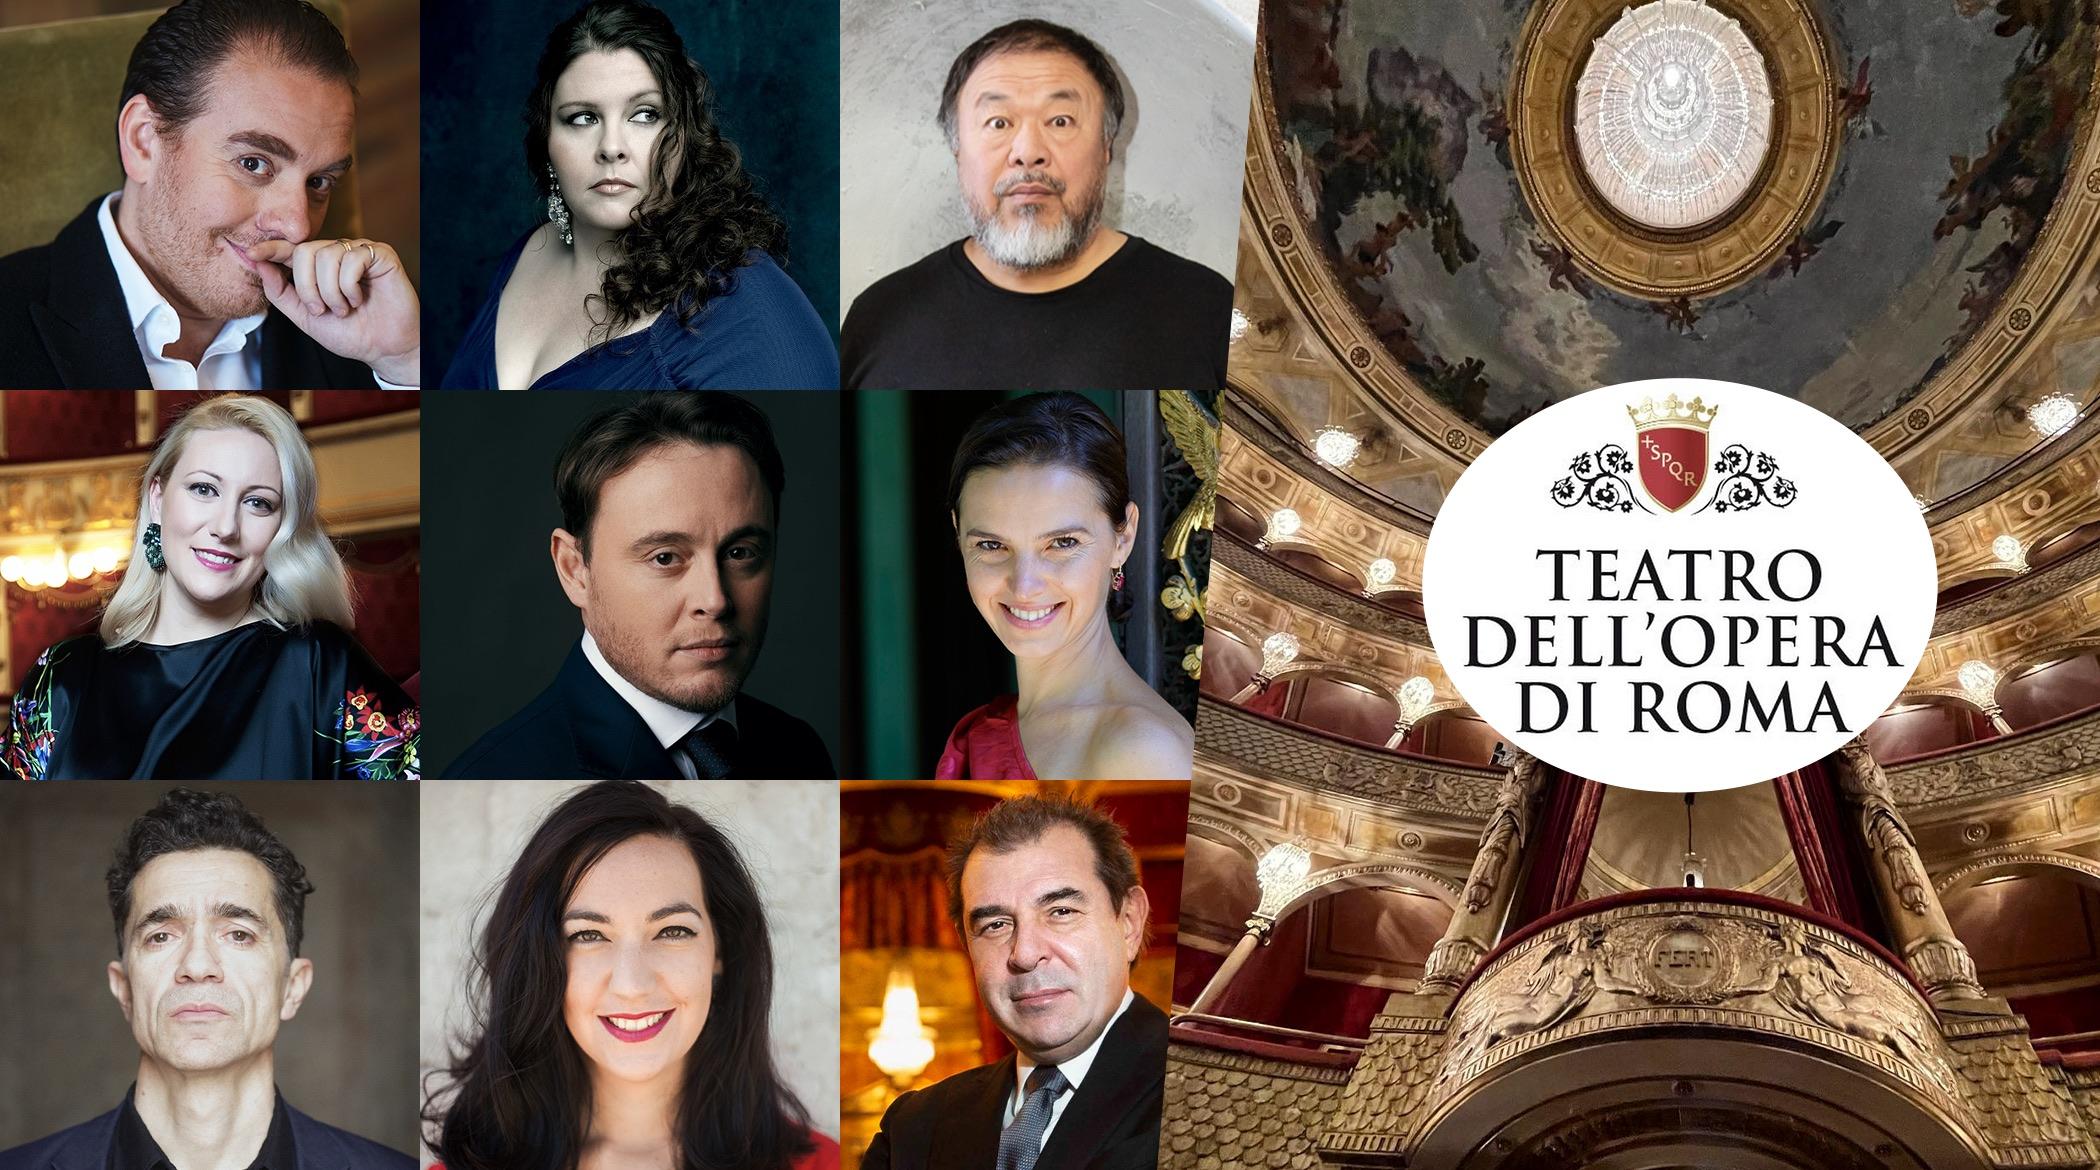 OperaRomaTeatro dell'Opera di Roma; 2021/2022; Michele Mariotti; Daniele Gatti; Ai Weiwei; 21/22